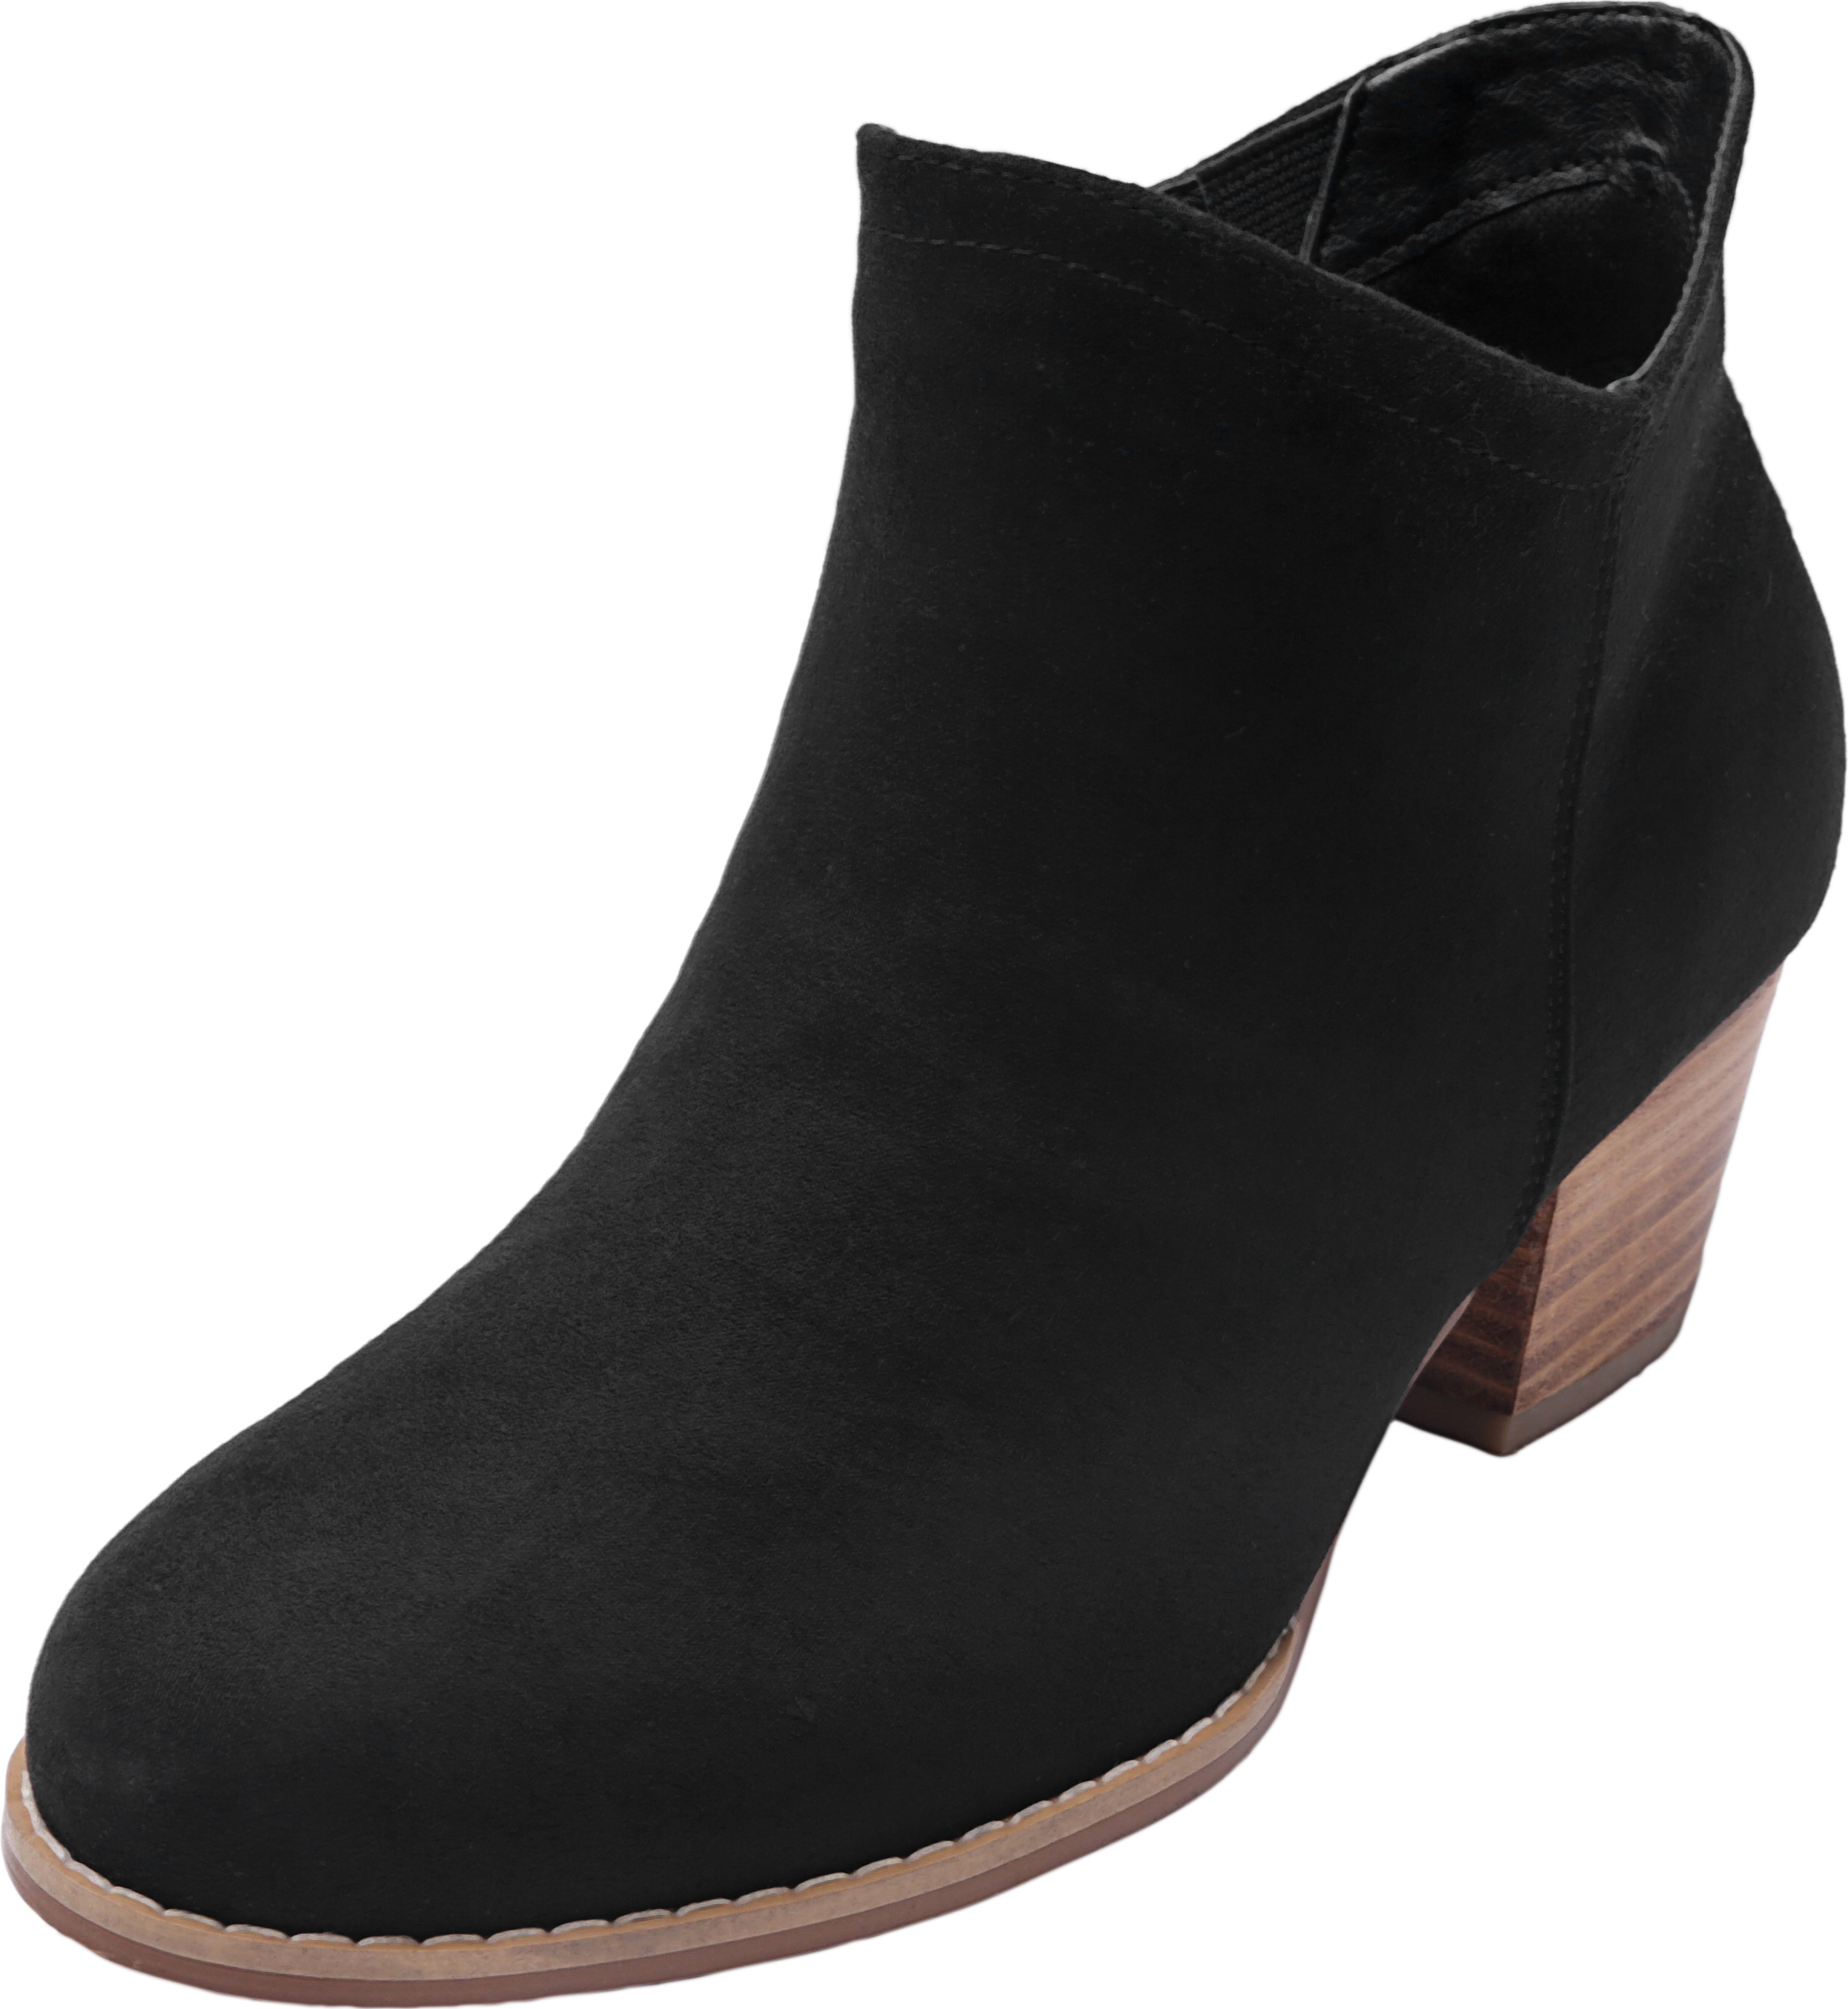 7fc2b1adbdb Luoika Women's Wide Width Ankle Booties - Side Zipper Mid Low Block Heel  Faux Suede Short Boots.